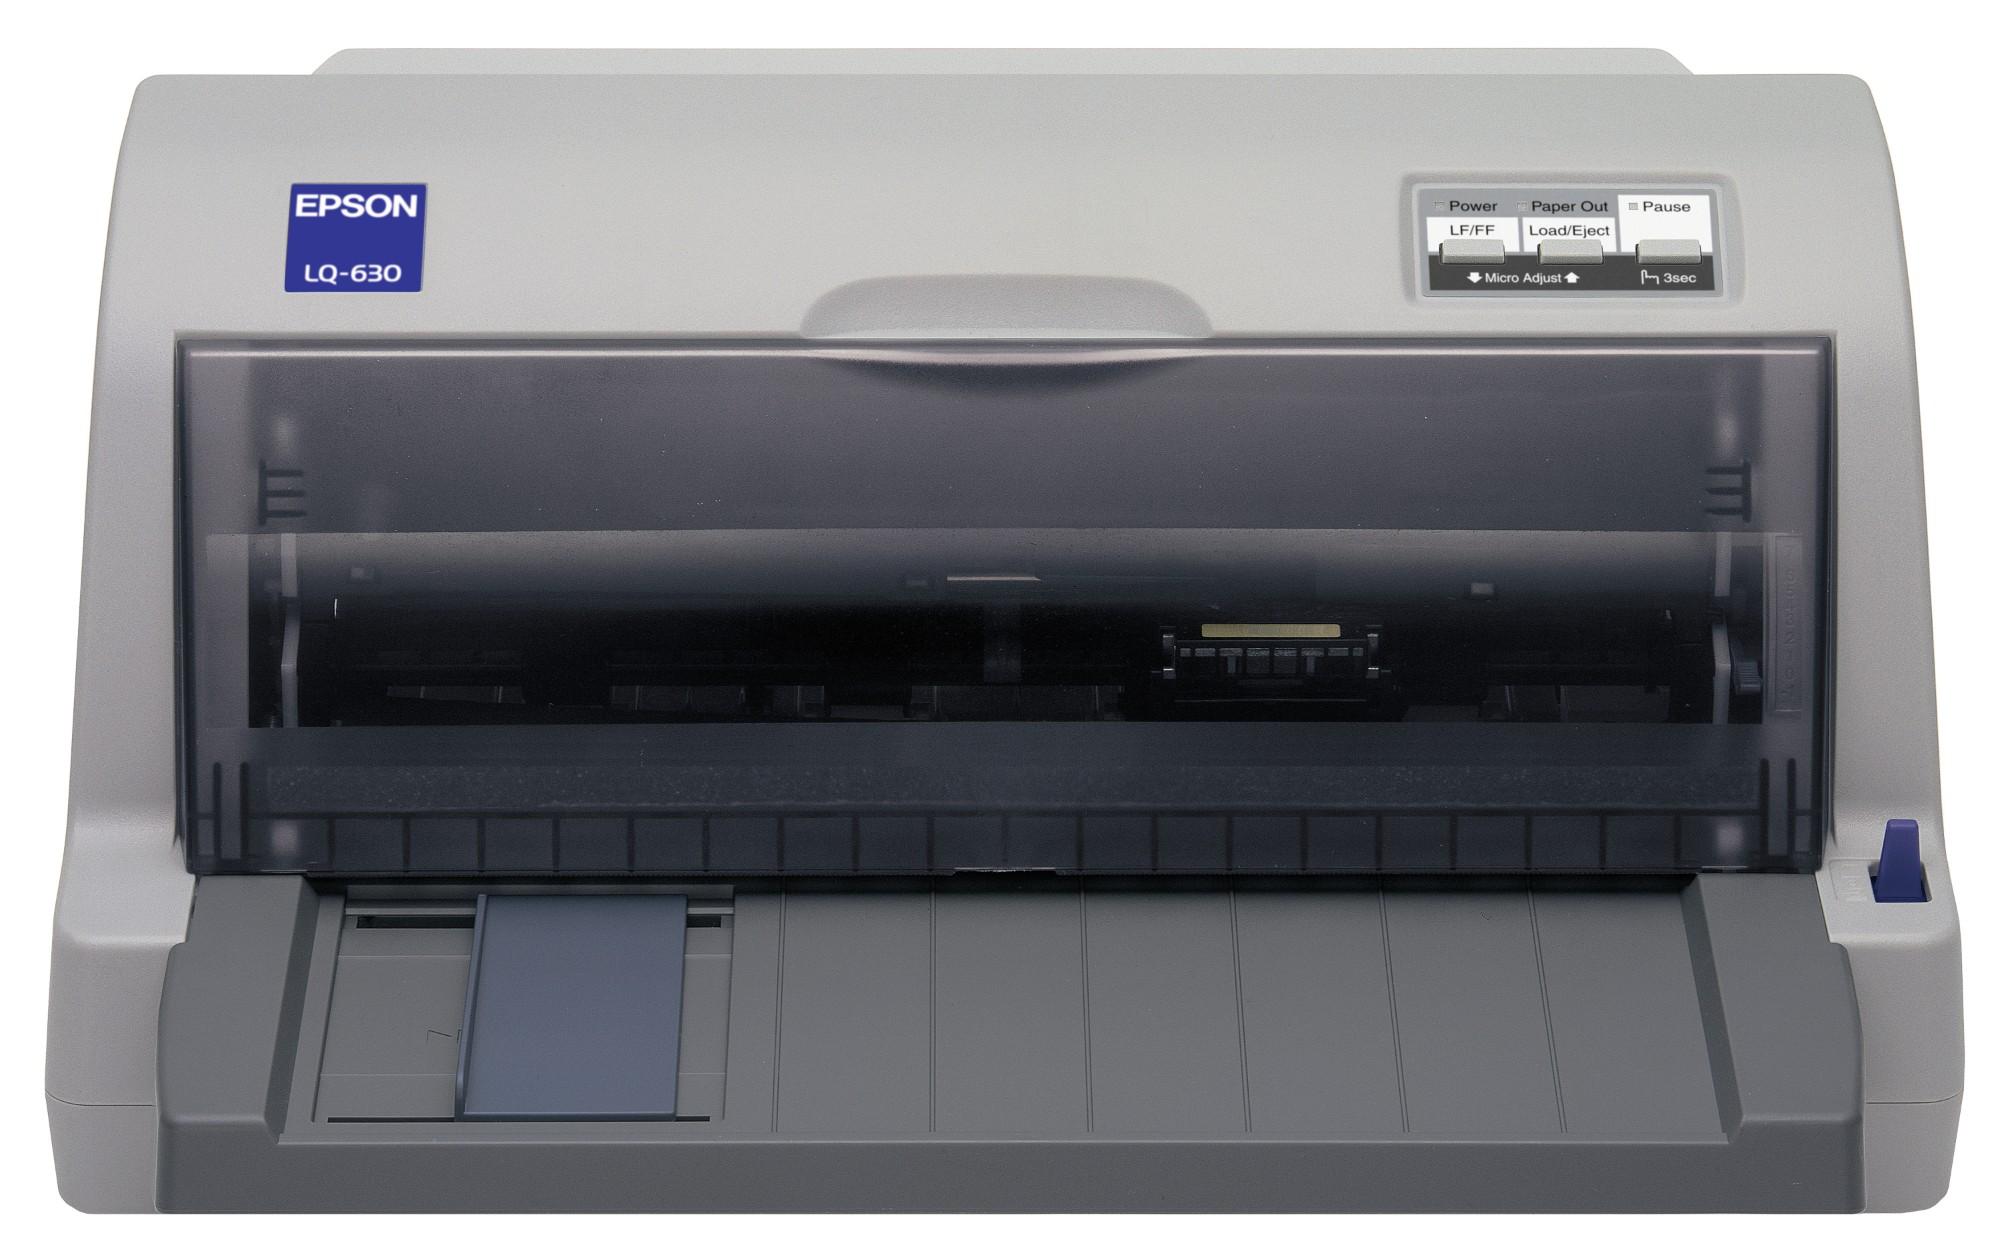 Epson LQ-630 impresora de matriz de punto